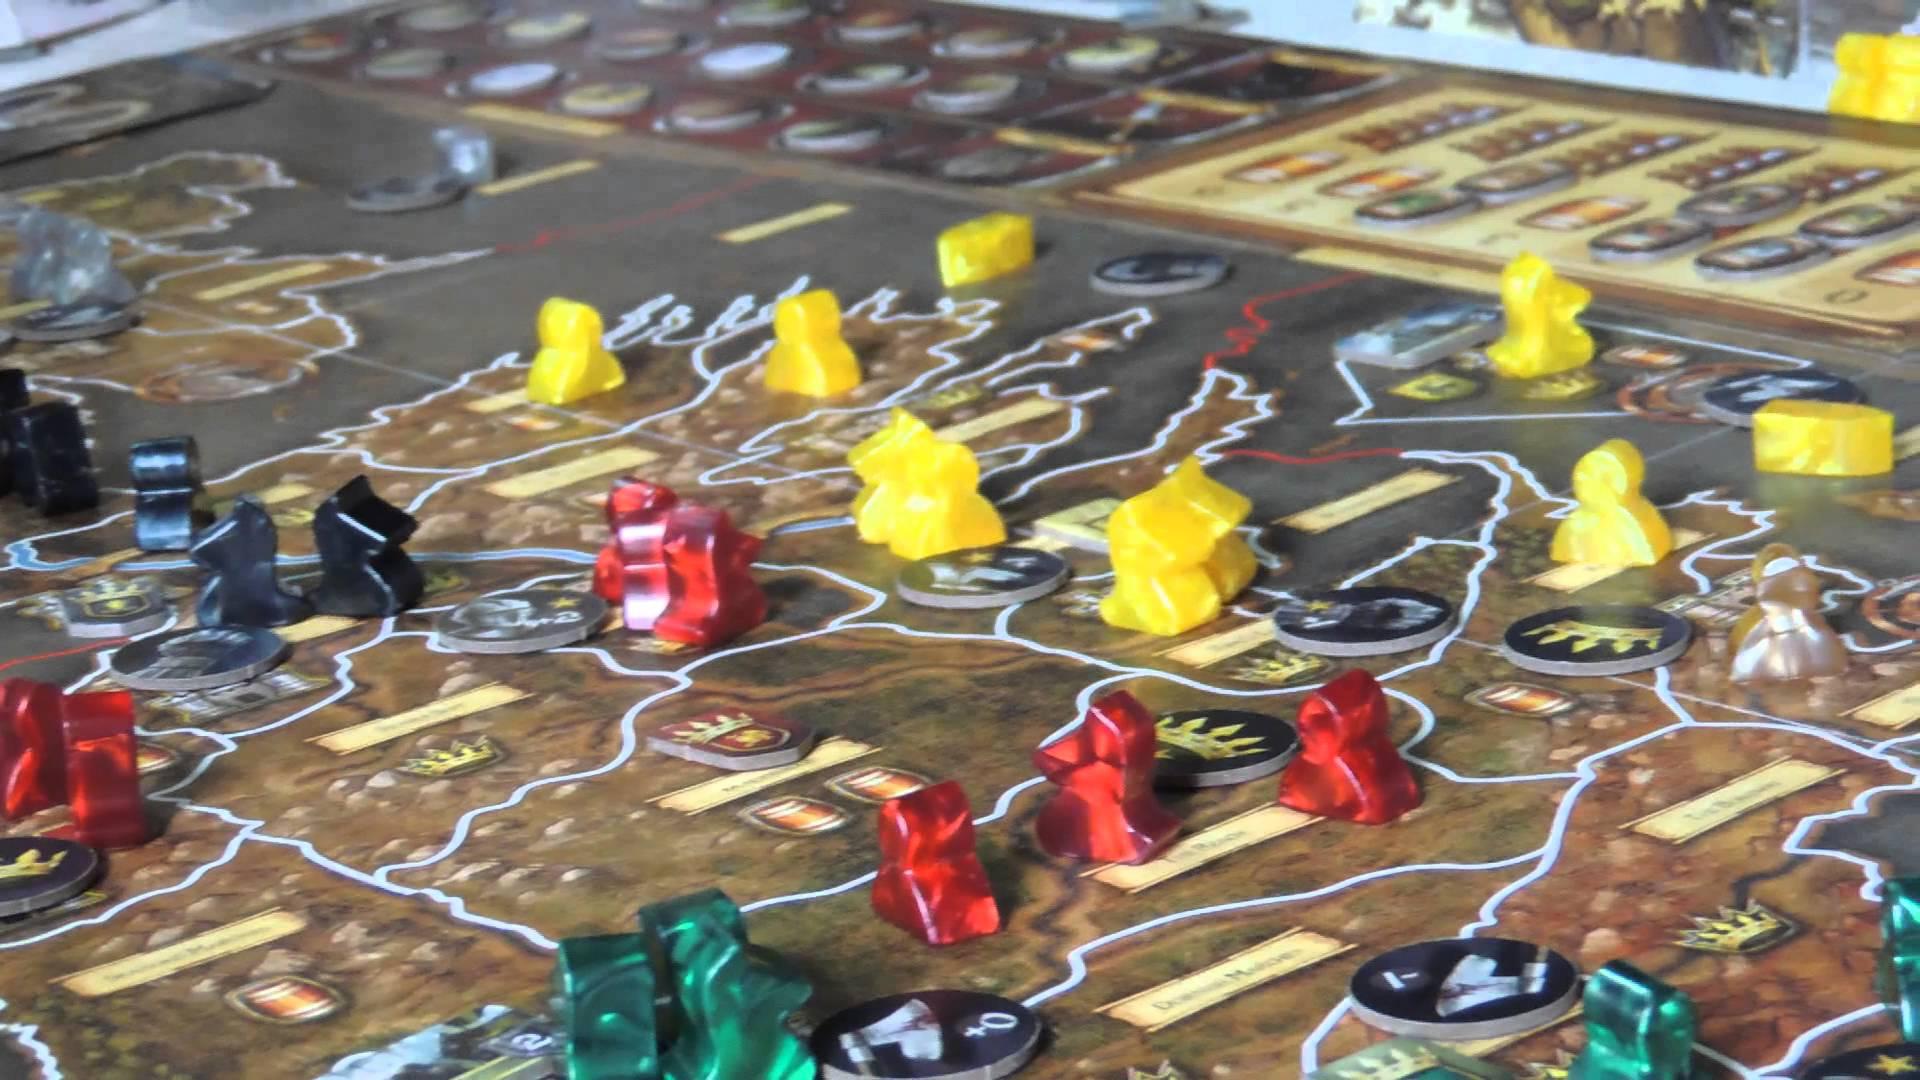 Los Juegos De Mesa En Auge Gringuel Games